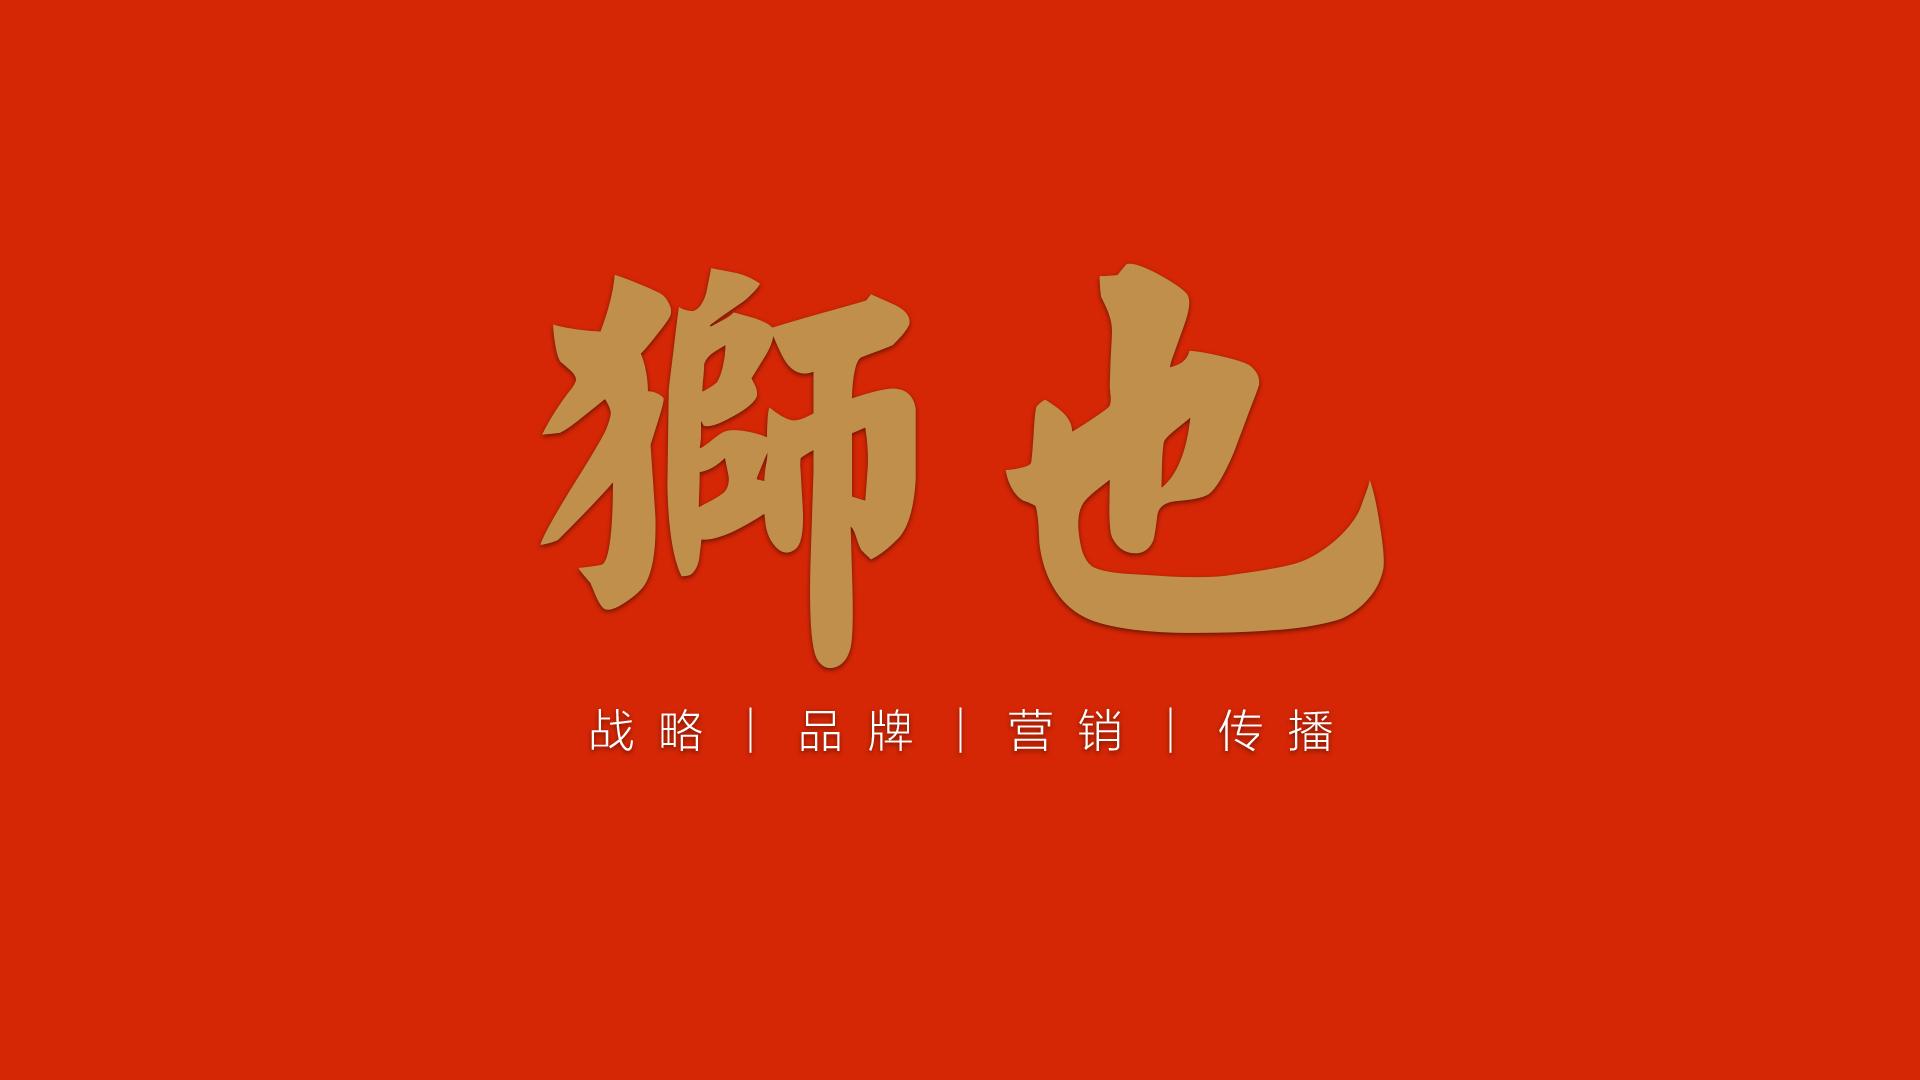 上海营销策划公司— 国有企业改革的战略性思考